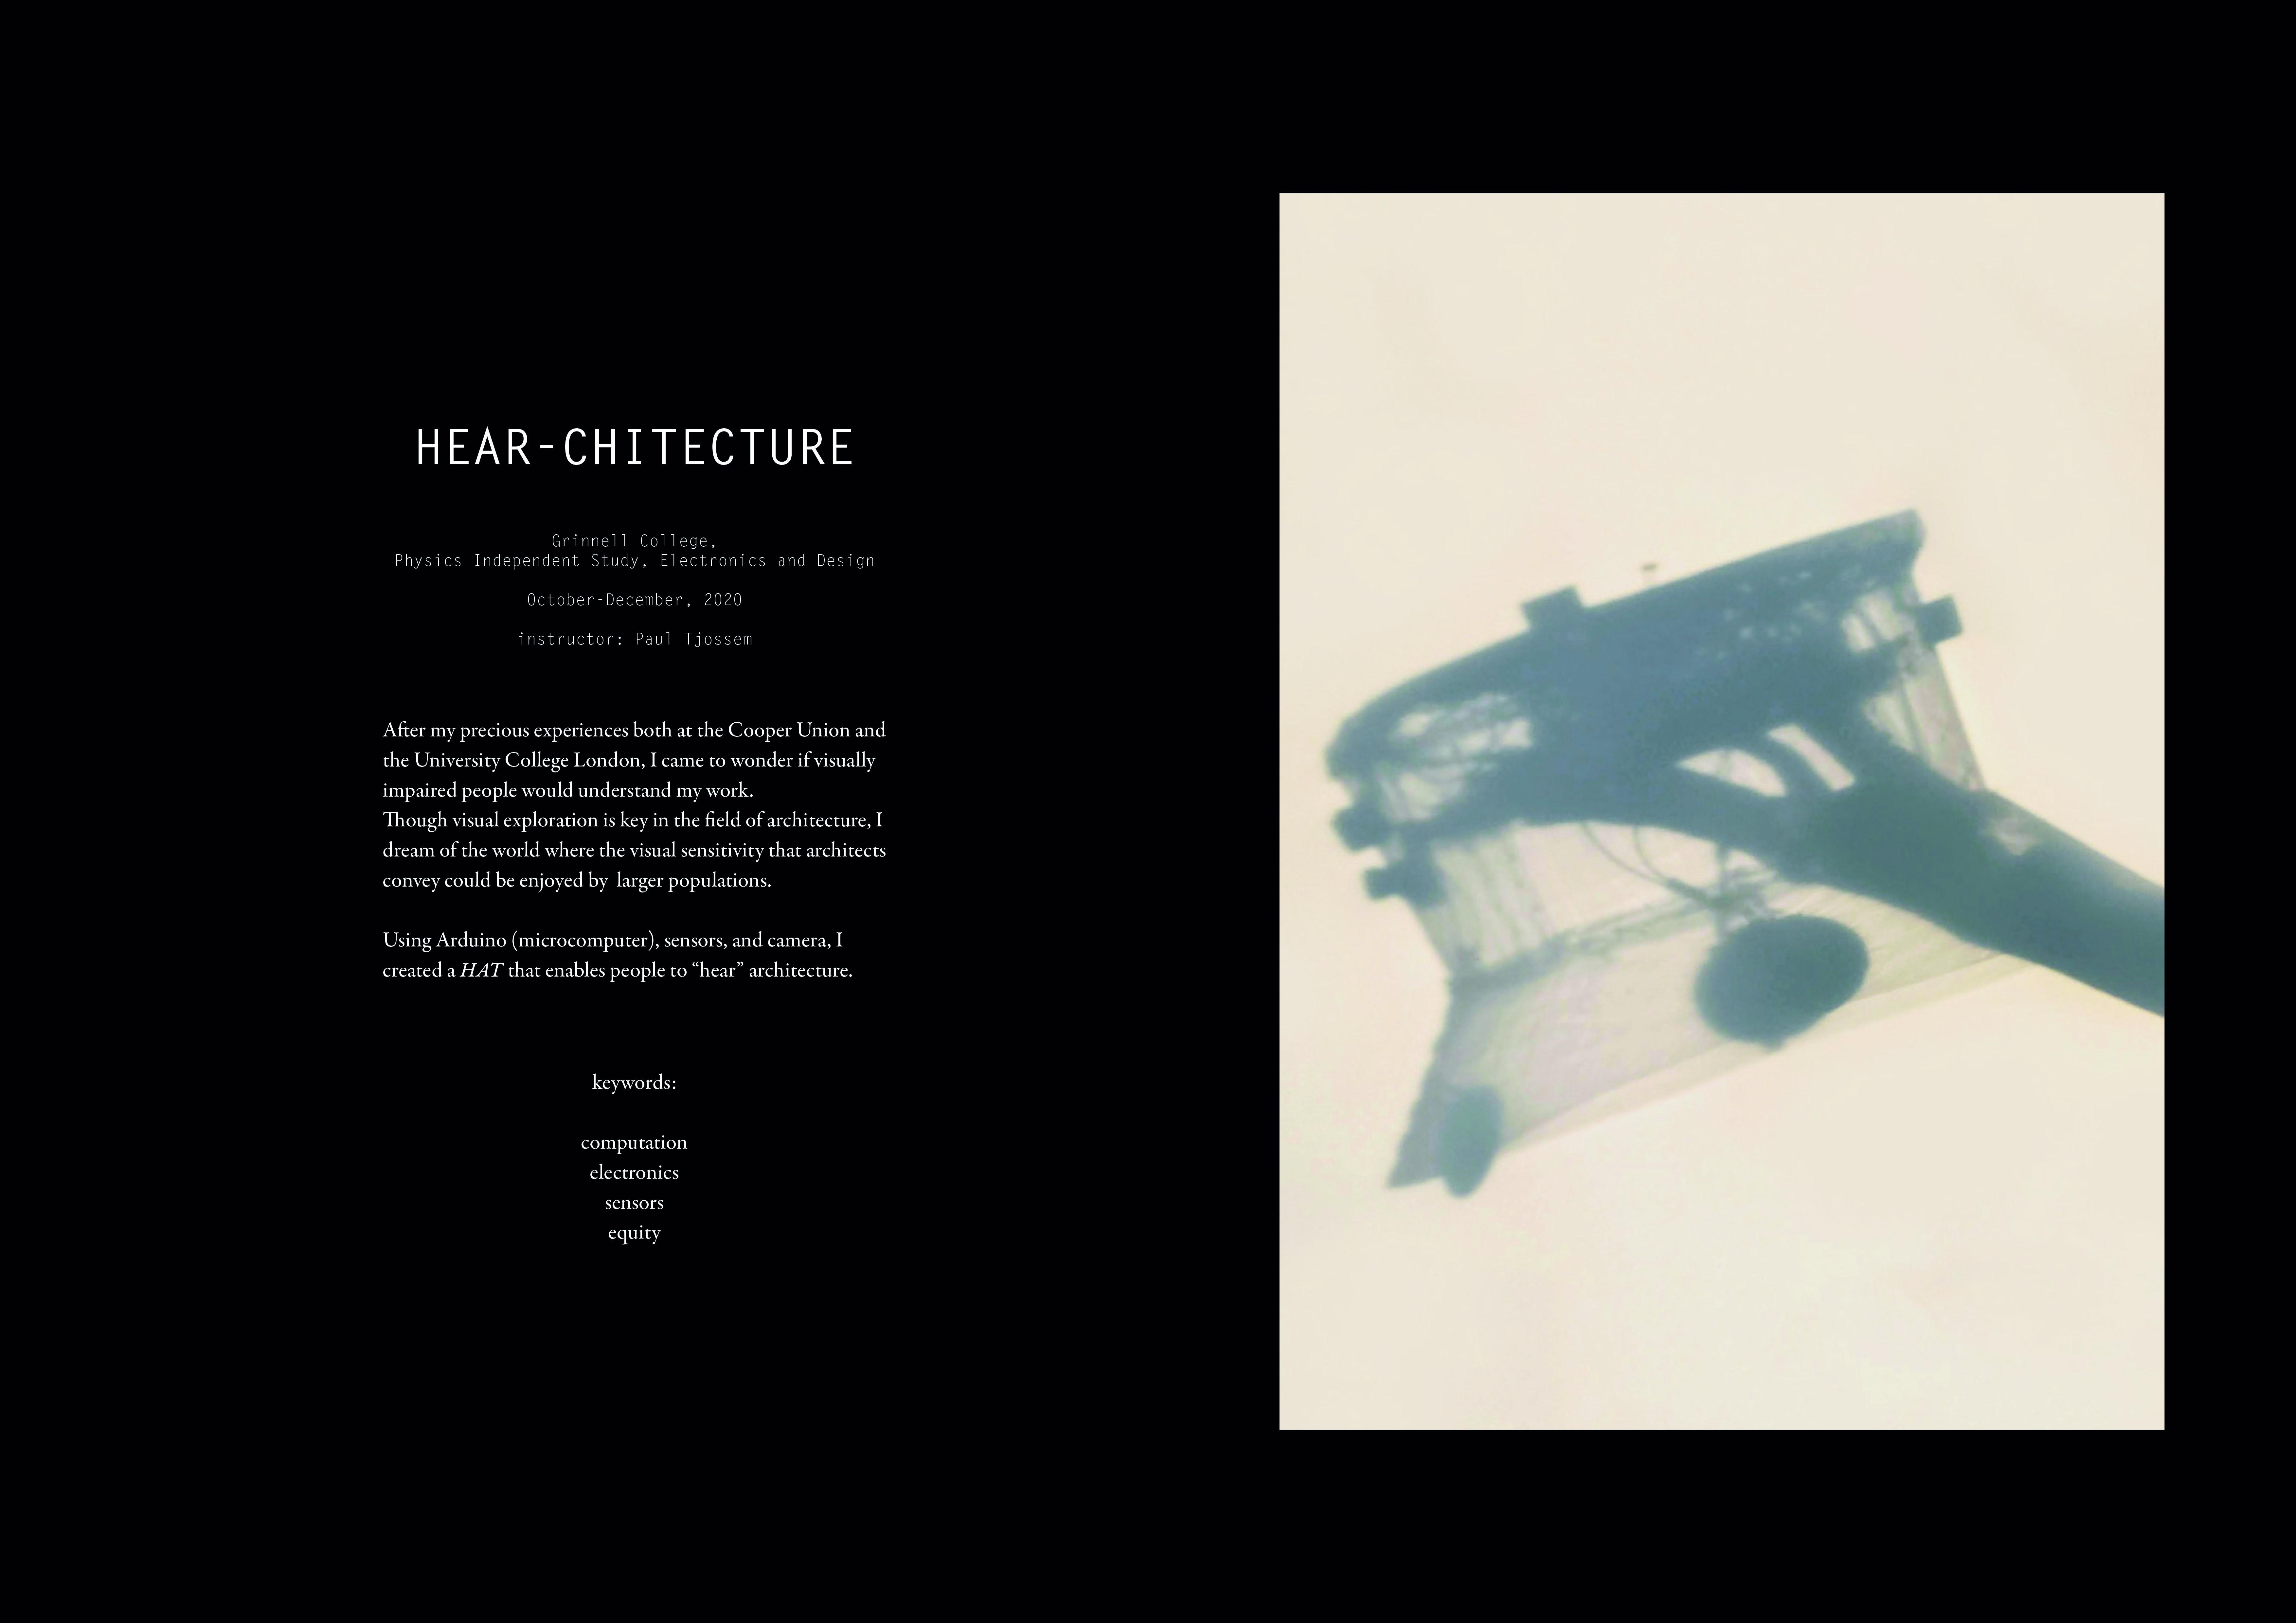 HEAR-CHITECTURE